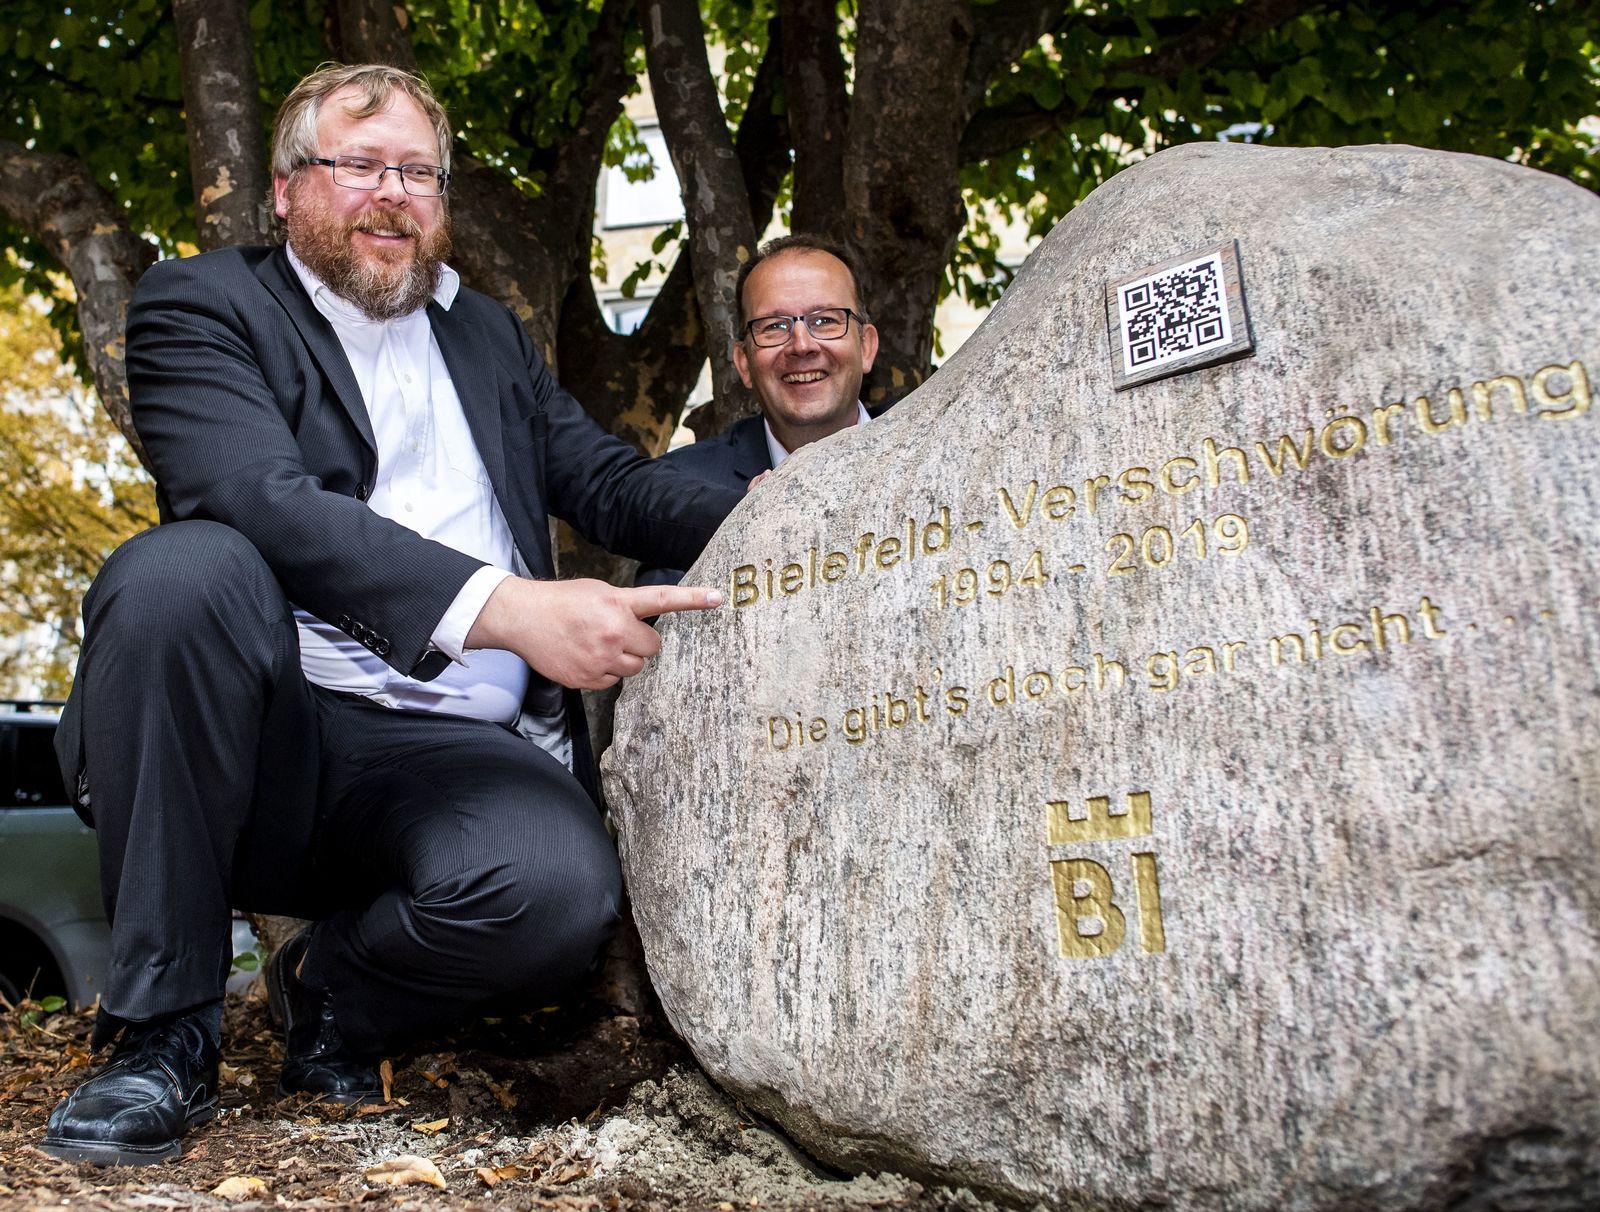 Kurioser Wettbewerb um Existenz von Bielefeld